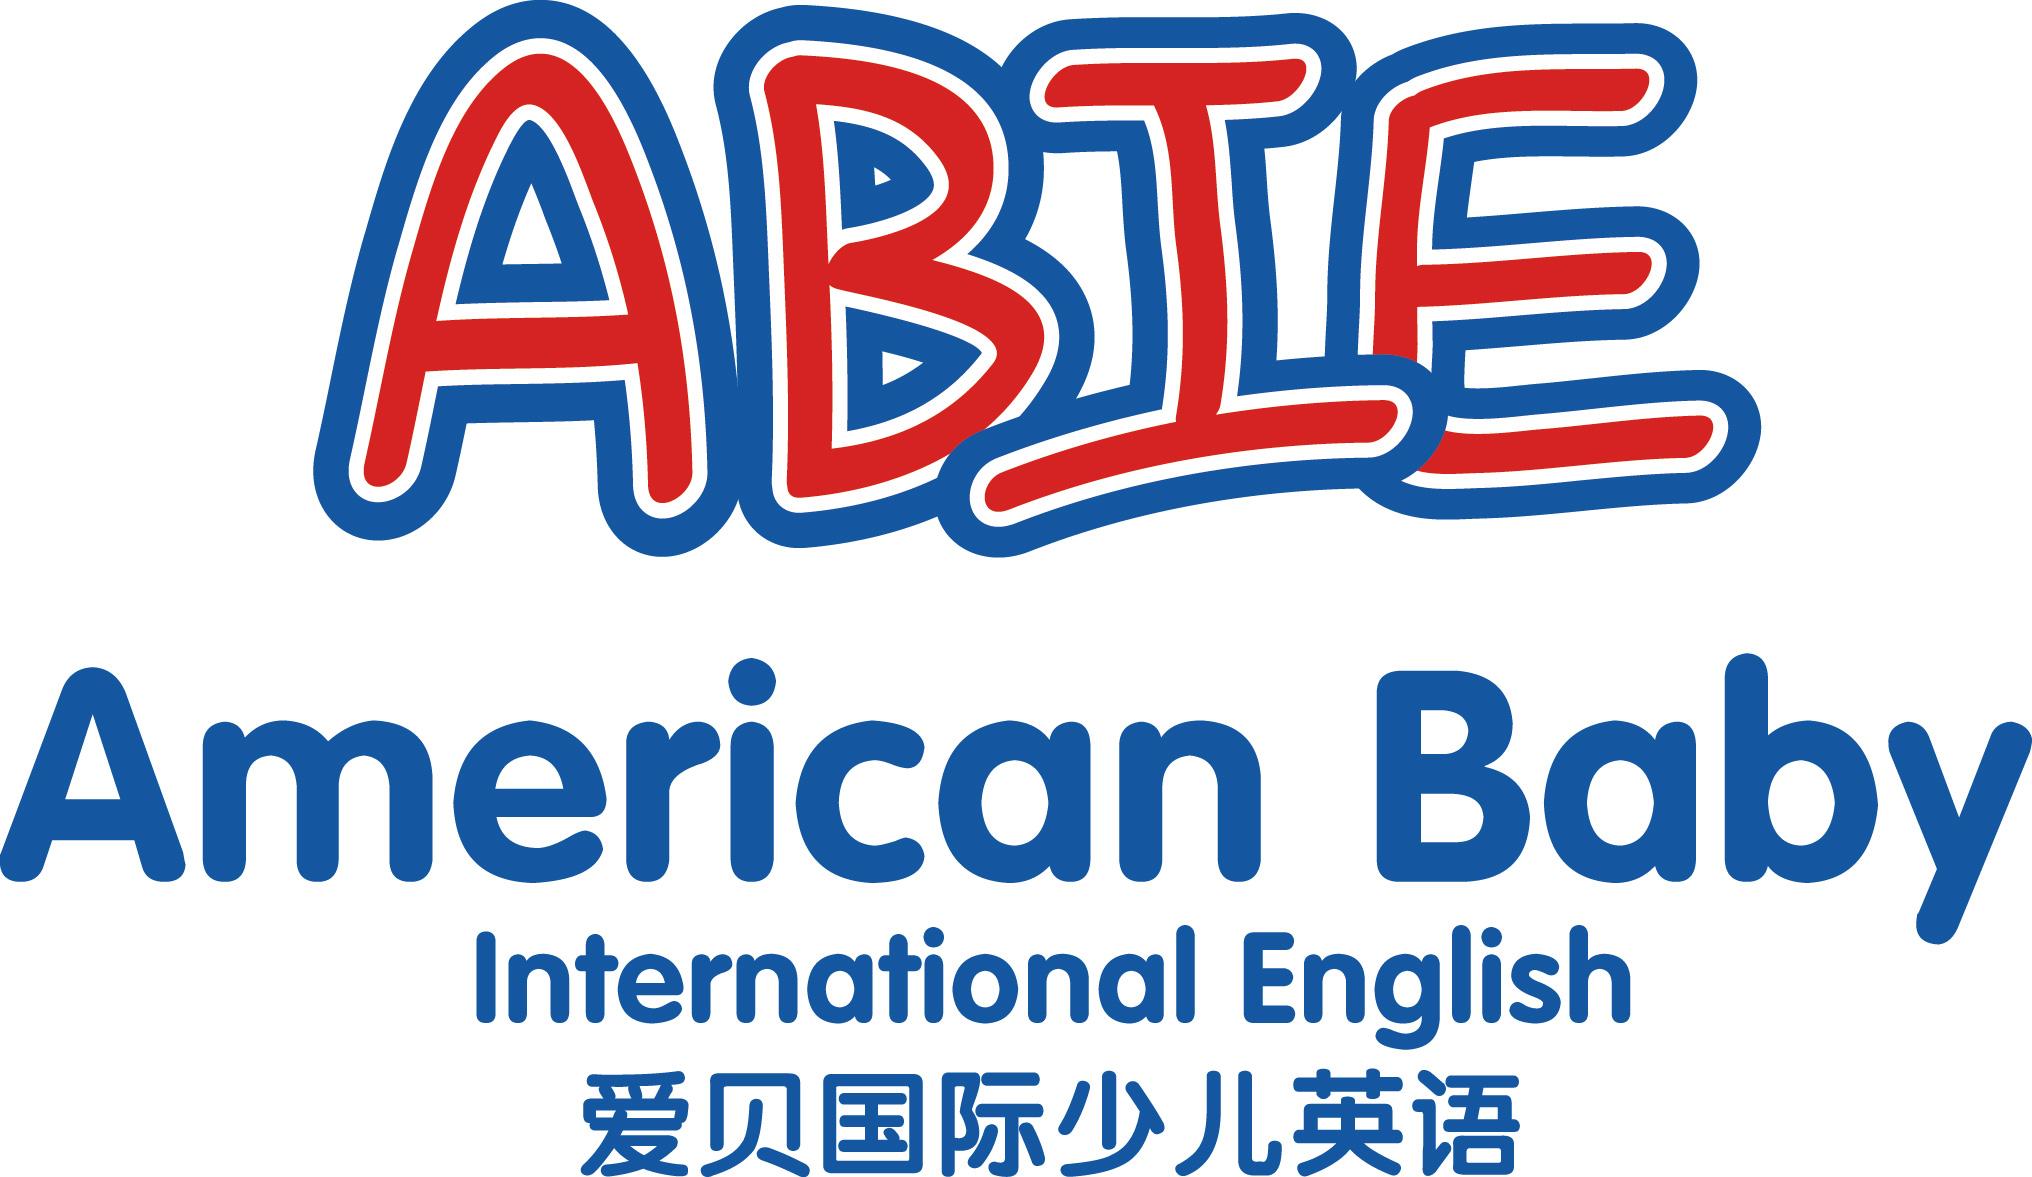 logo logo 标志 设计 矢量 矢量图 素材 图标 2032_1177